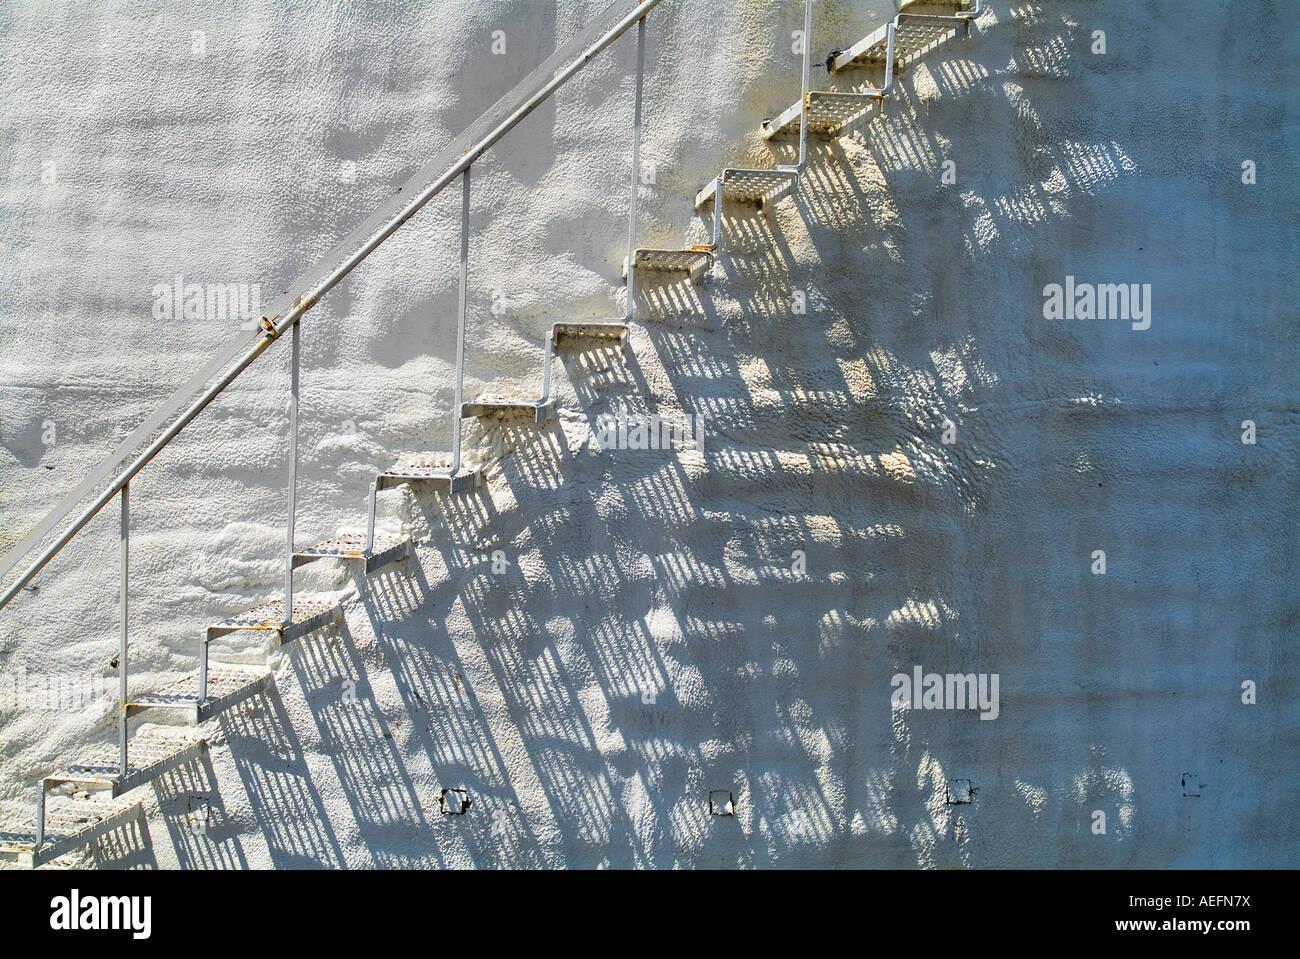 Metall-Treppe auf alten rostigen holprigen weißem Stuck gebogene Wand, USA Stockbild